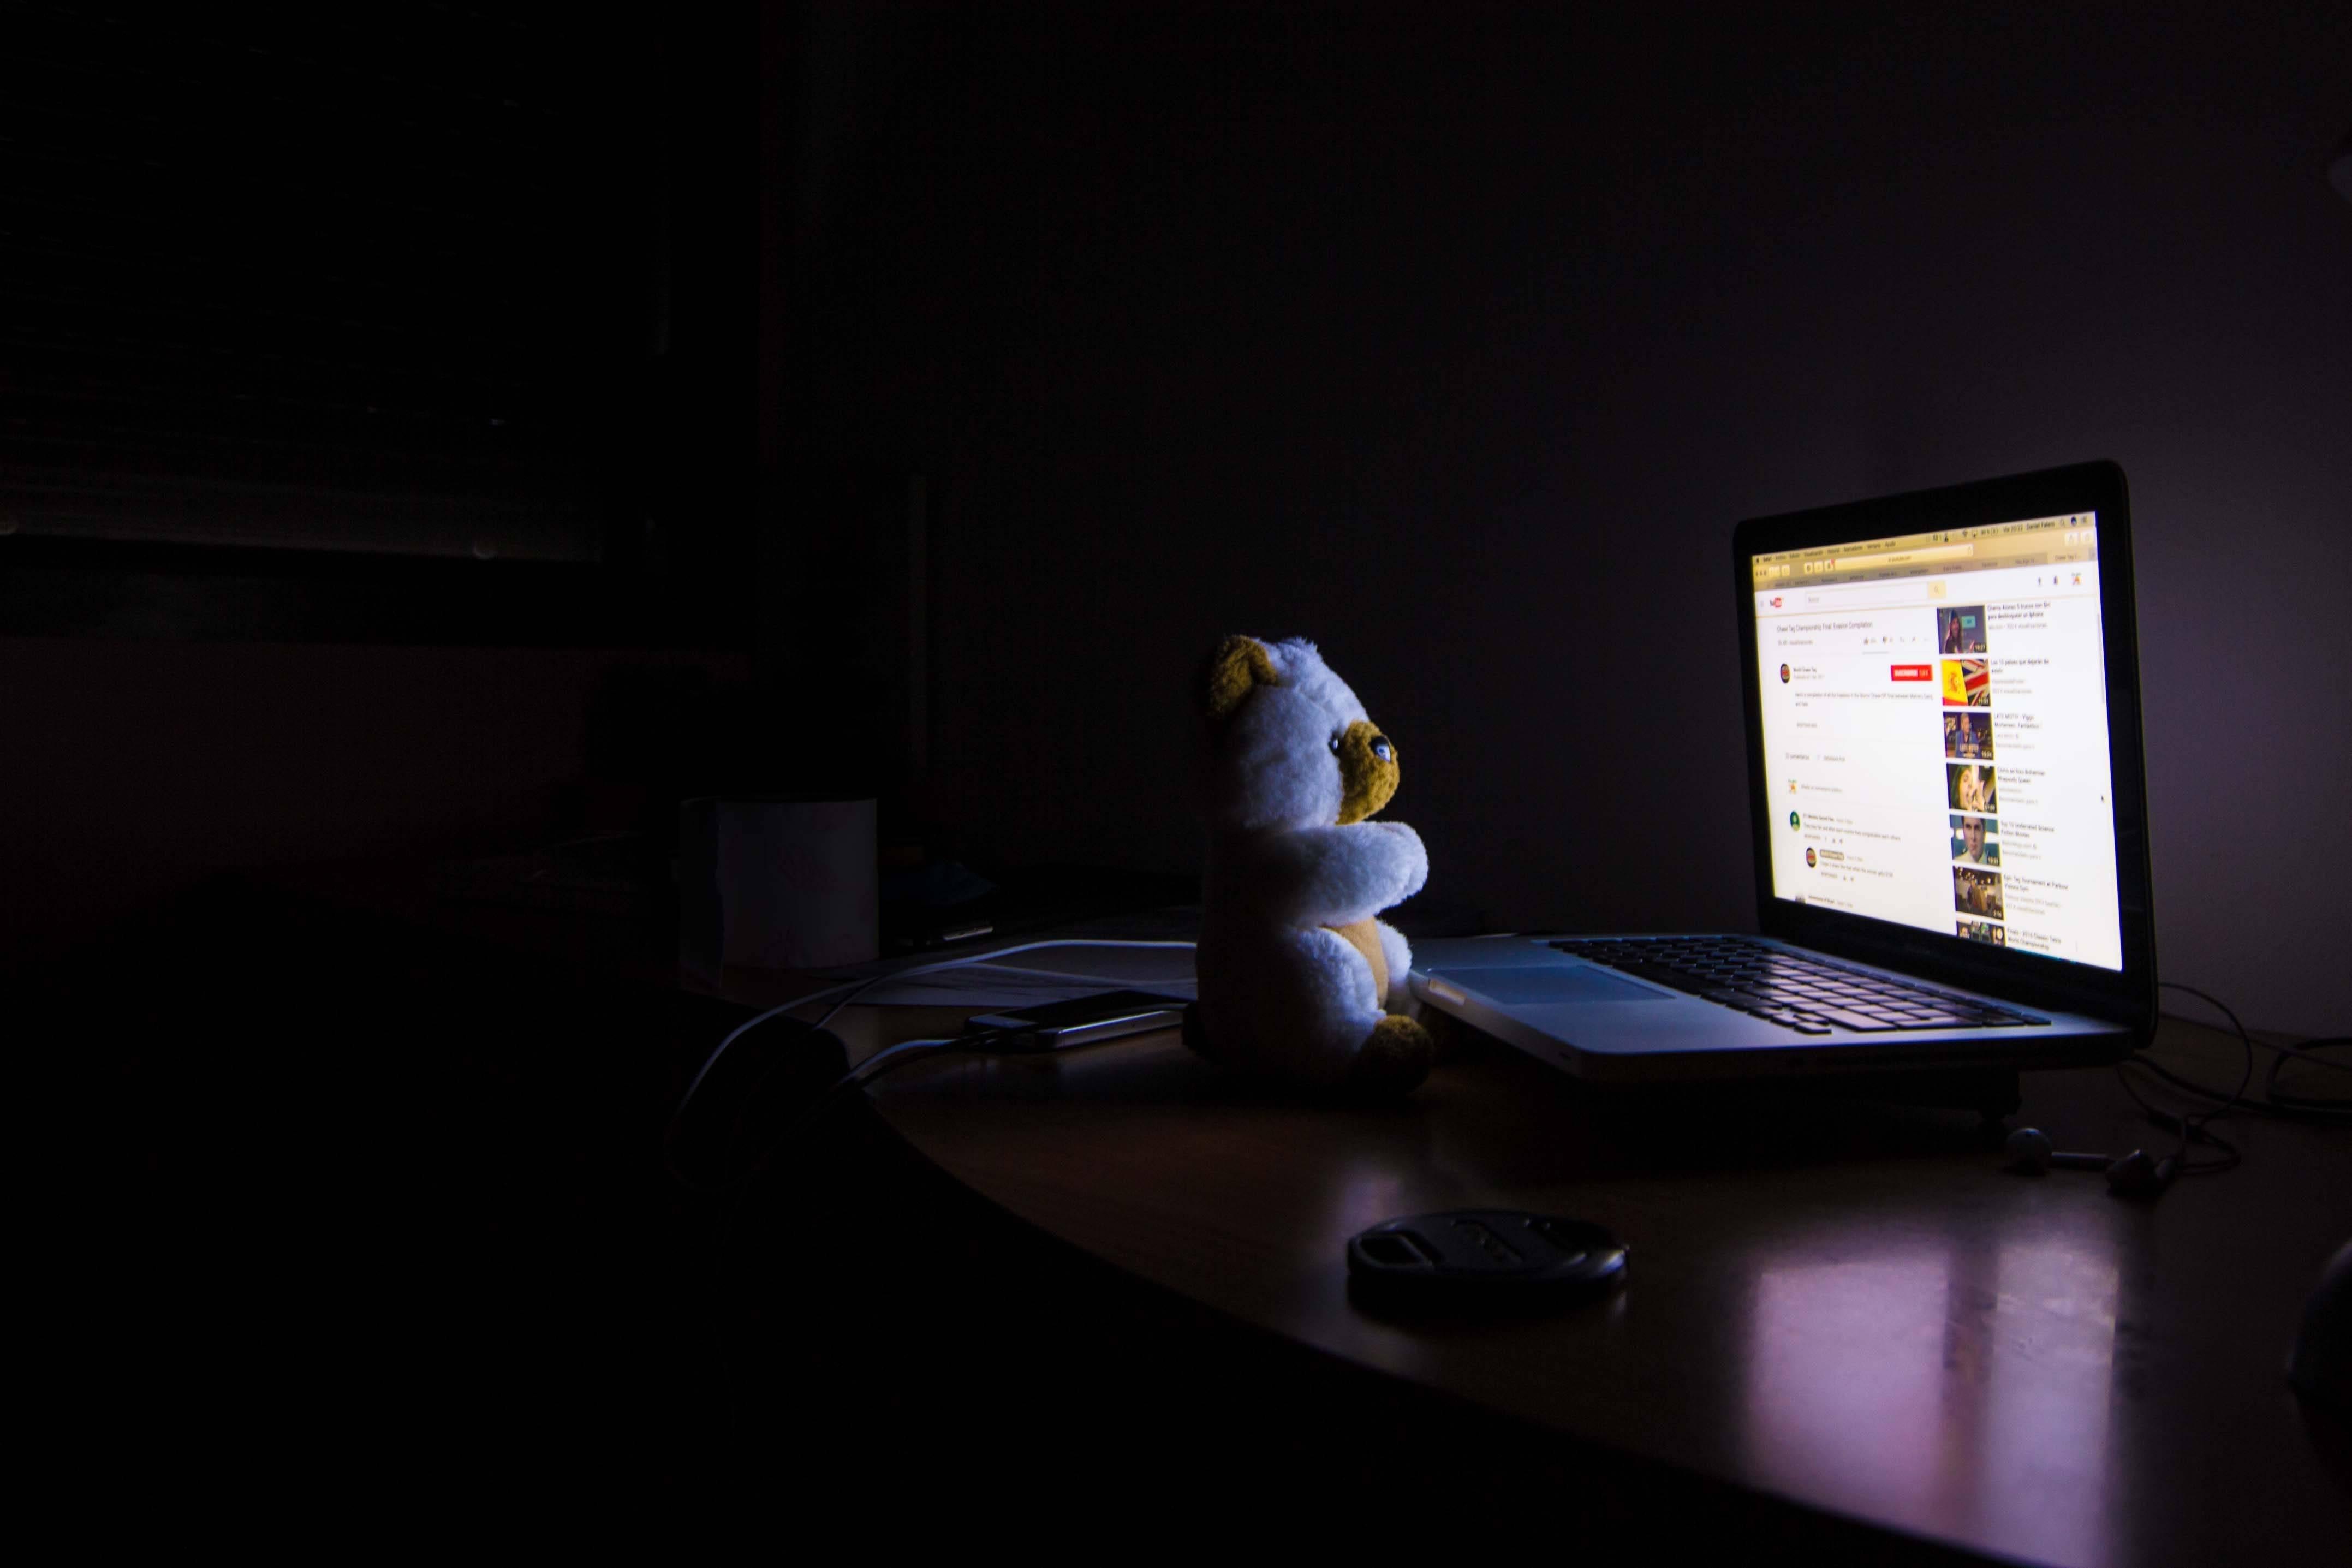 ¿Quieres que tus hijos pasen menos horas frente a una pantalla? Estudio dice que tú también deberías hacerlo